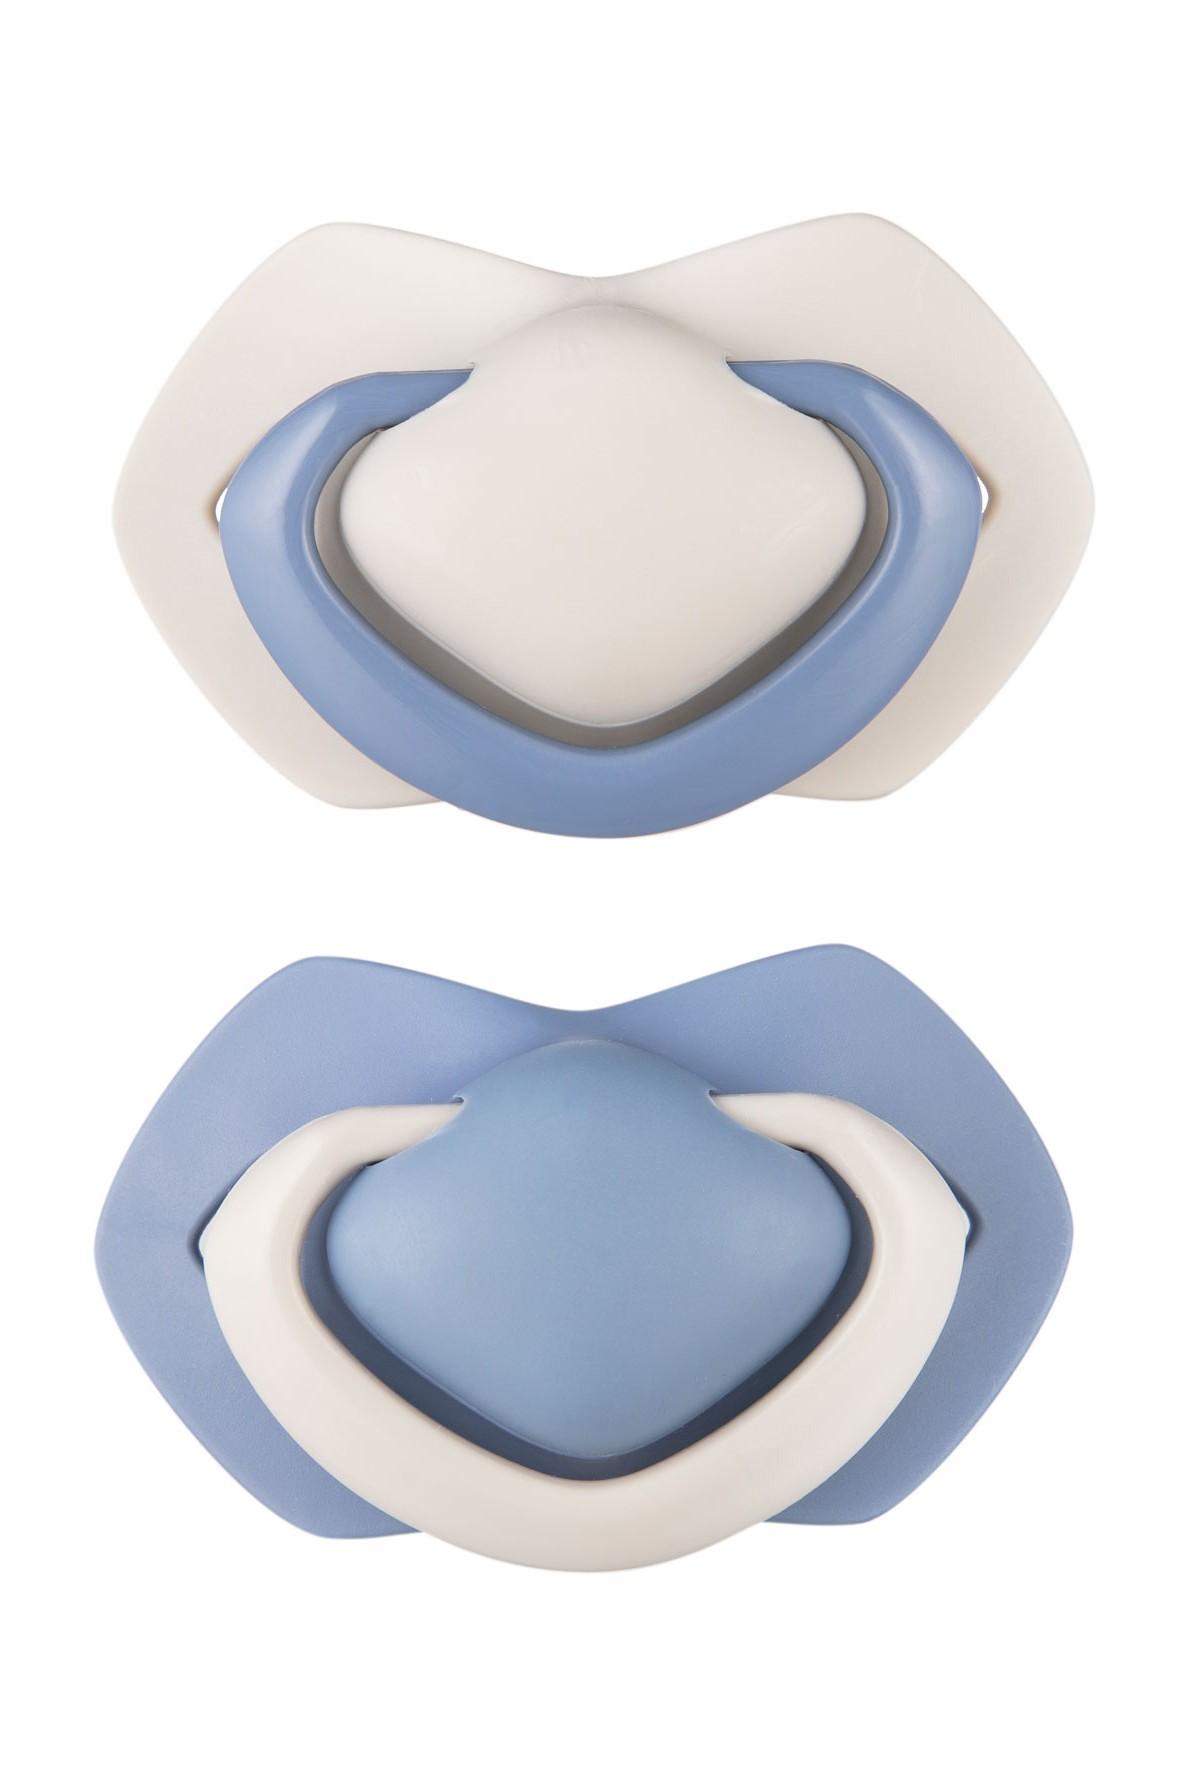 Zestaw smoczków uspok. 18msc+ symetryczny PURE - niebieski